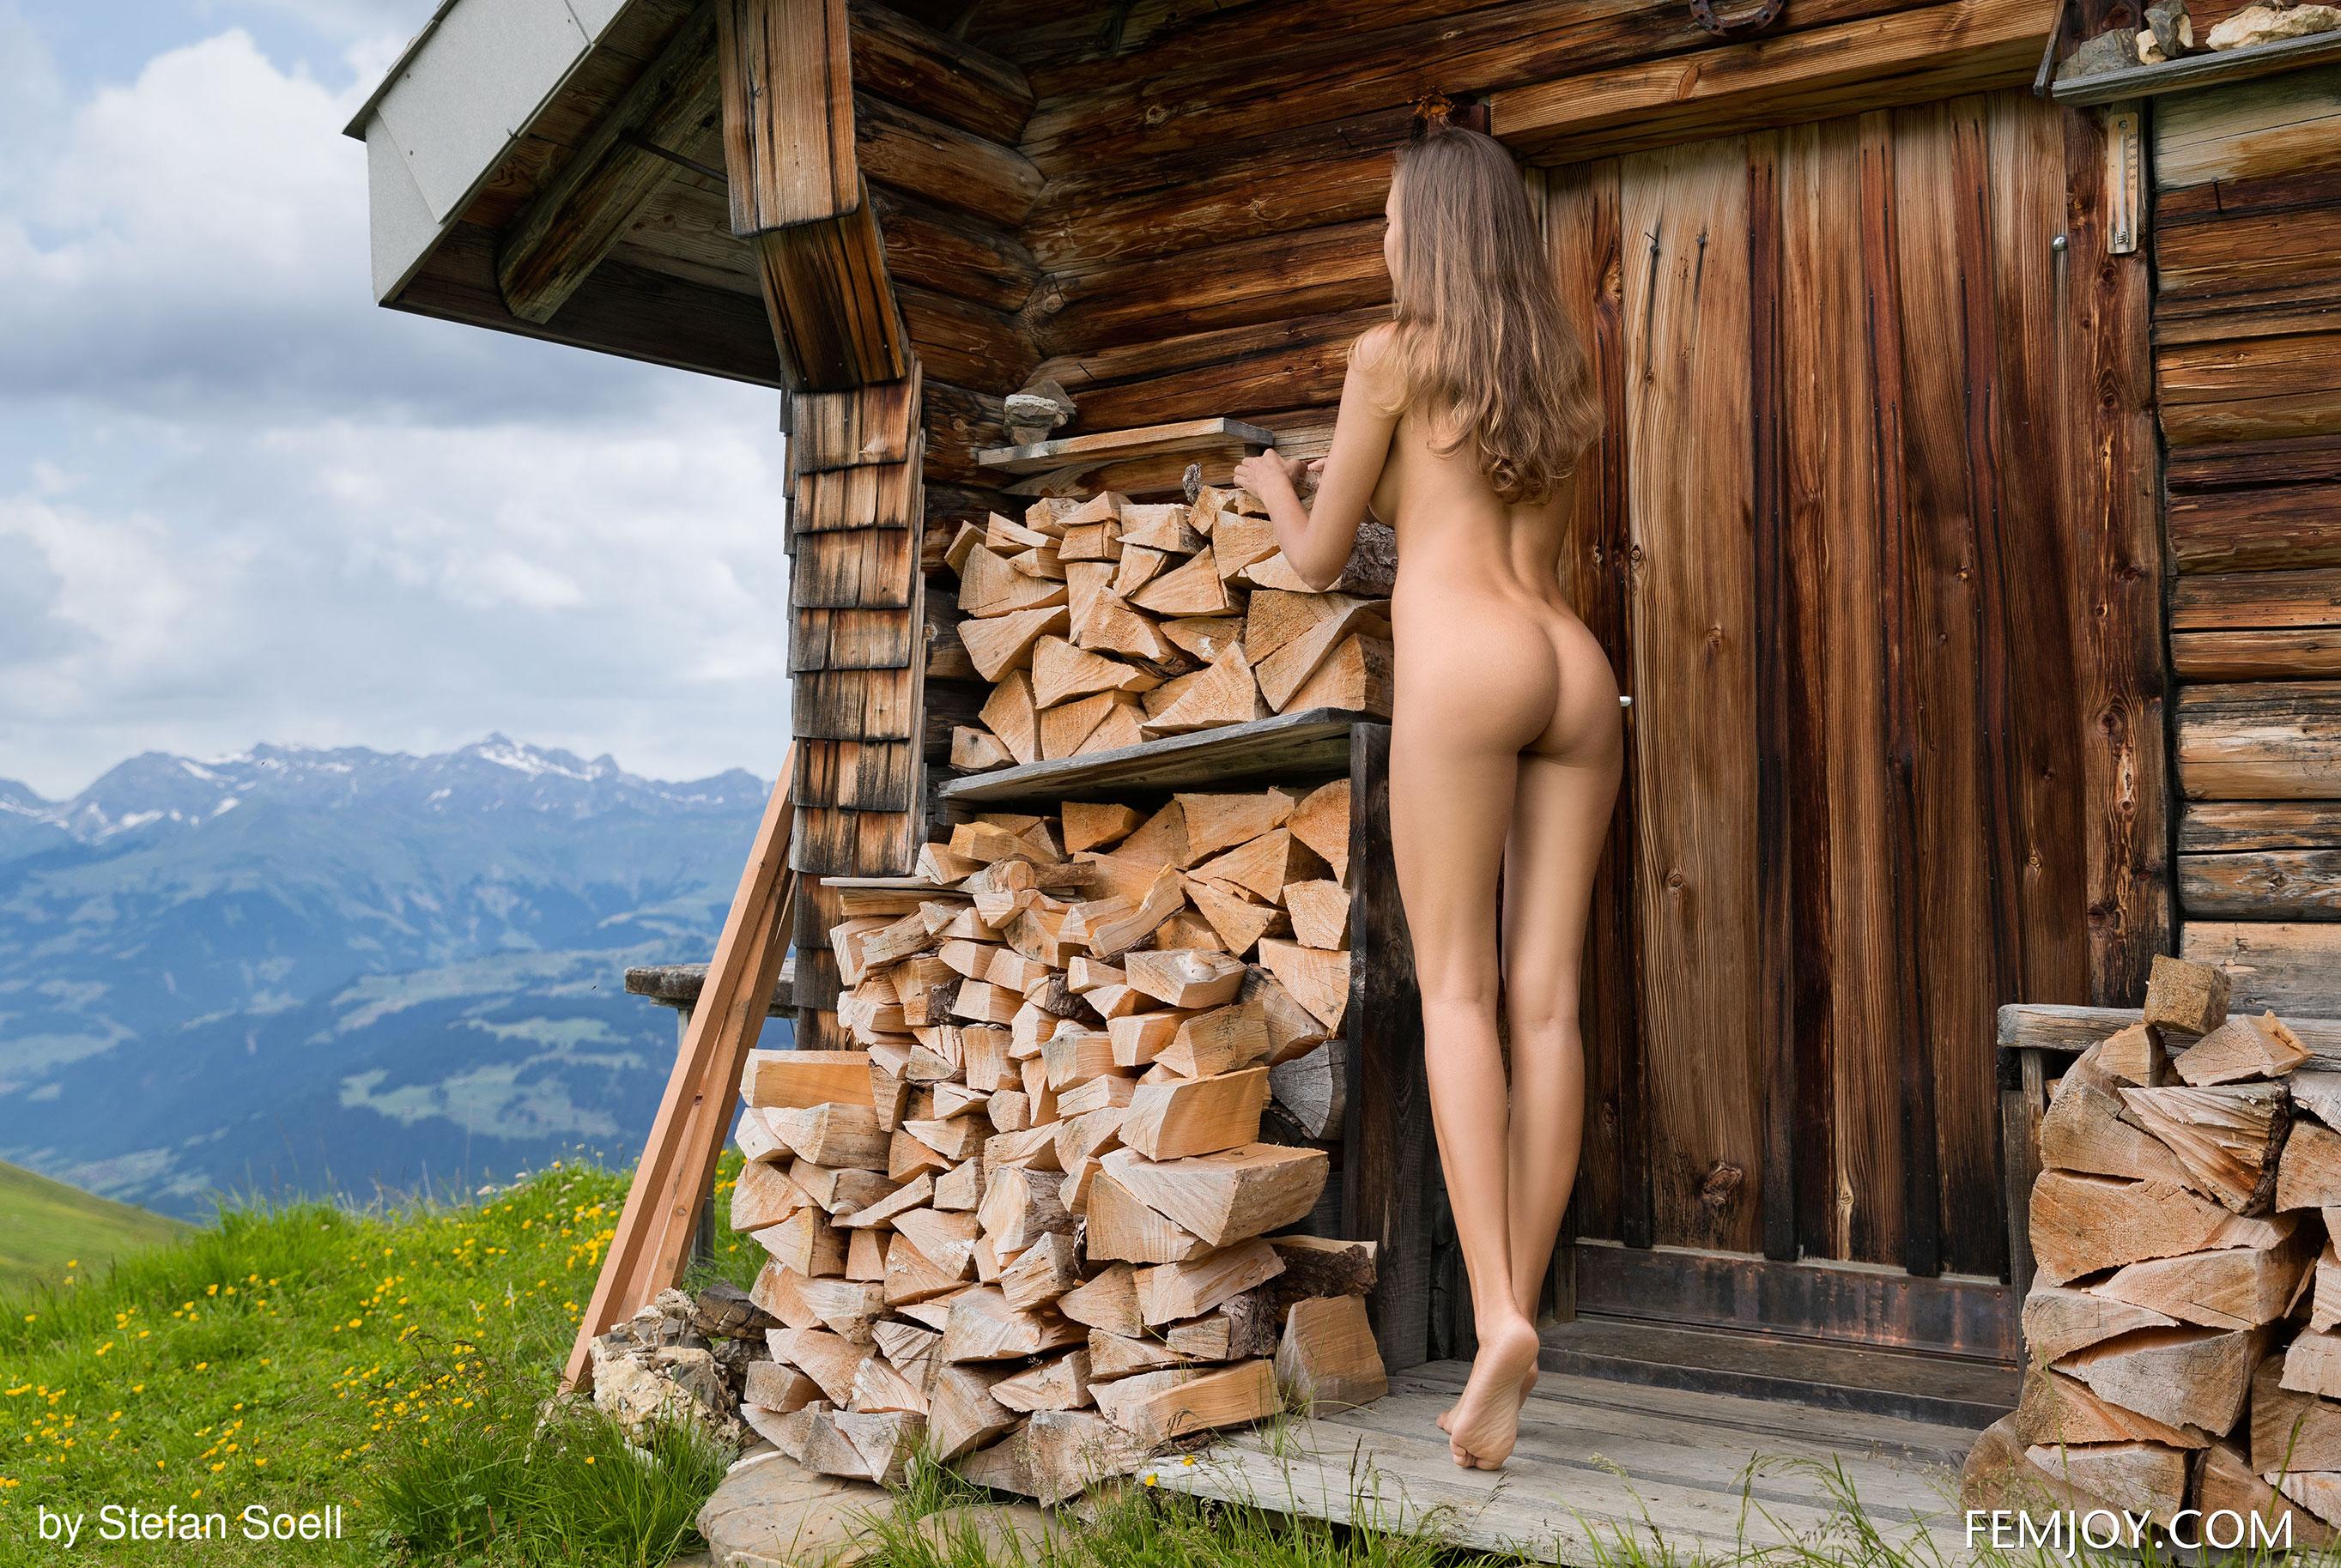 Сексуальная Катя - голая и одинокая в избушке на склоне Альпийских гор / фото 16